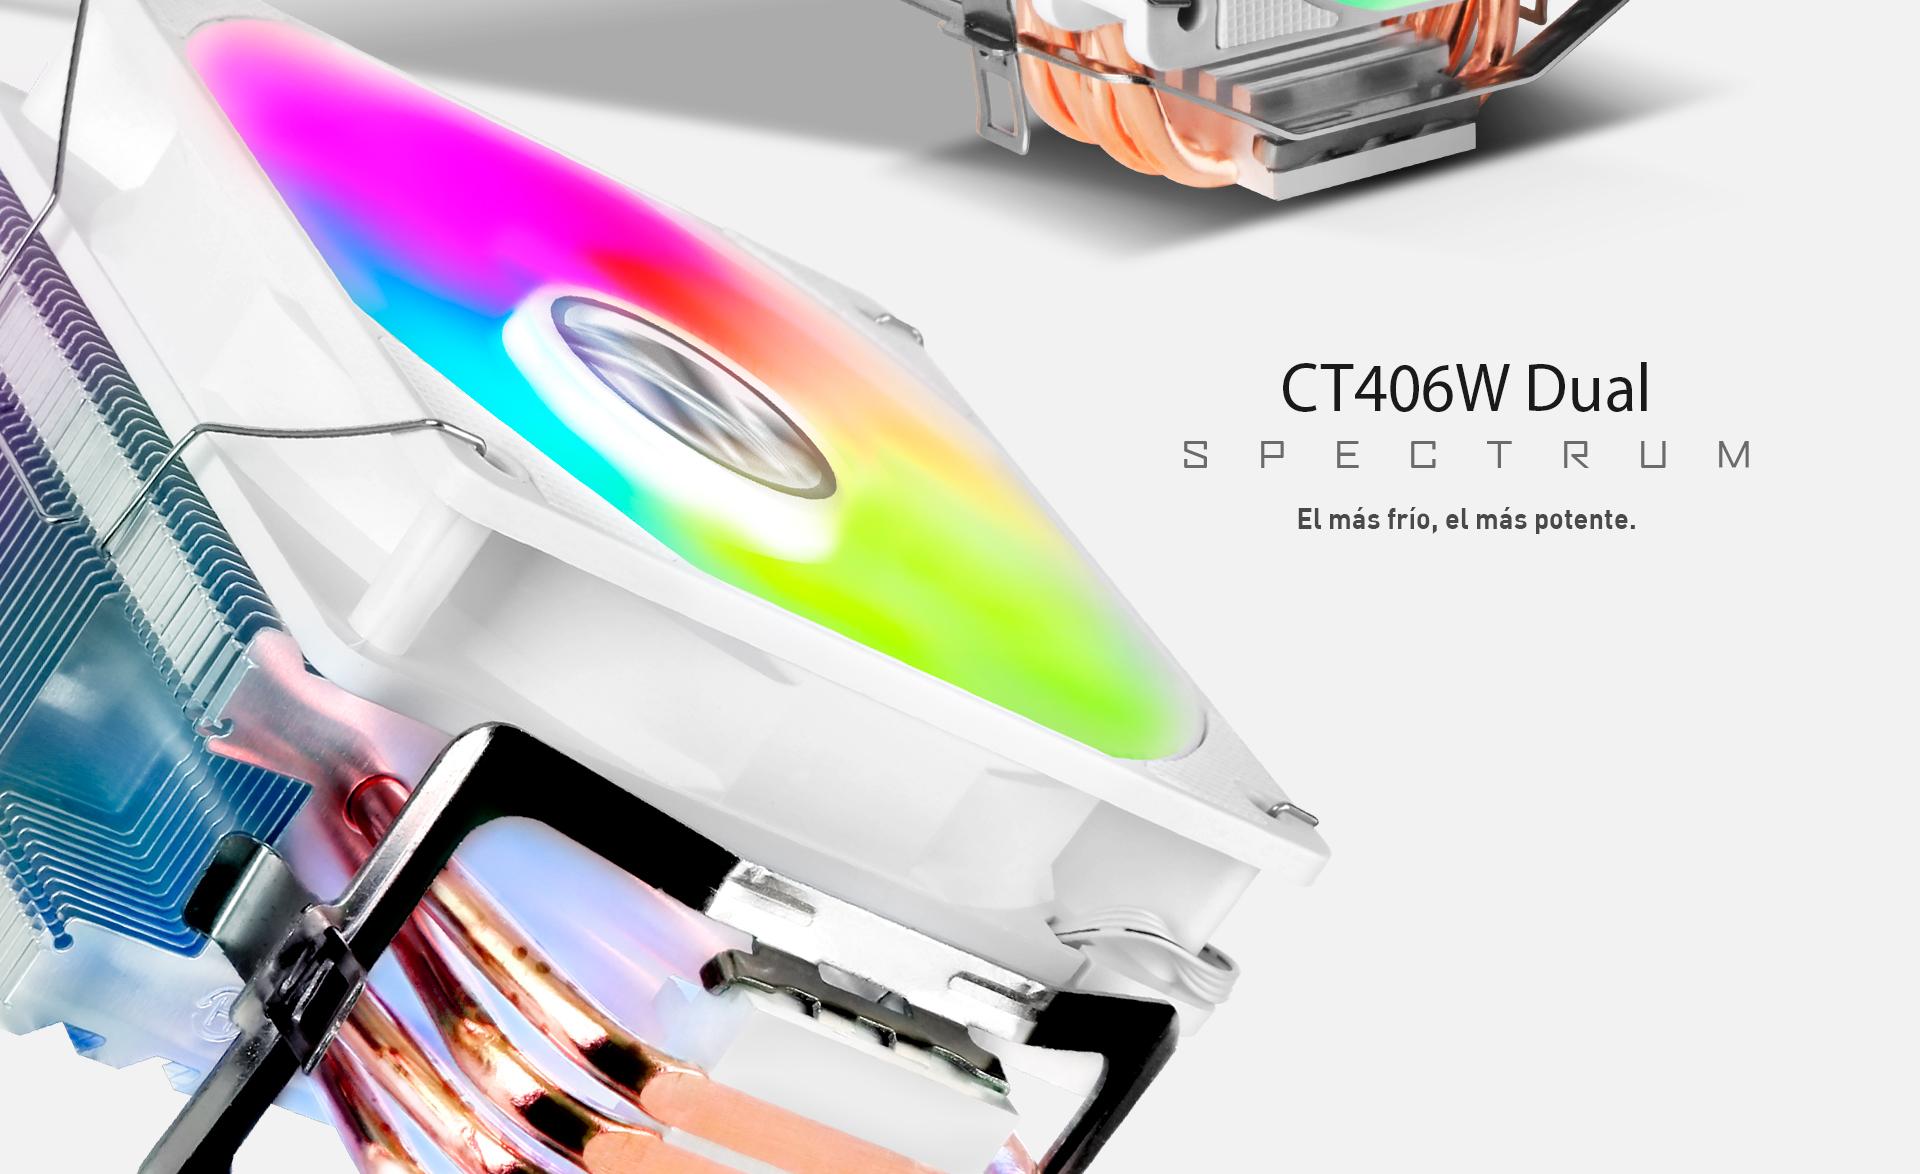 CPU Cooler T406 W doble descripción colores